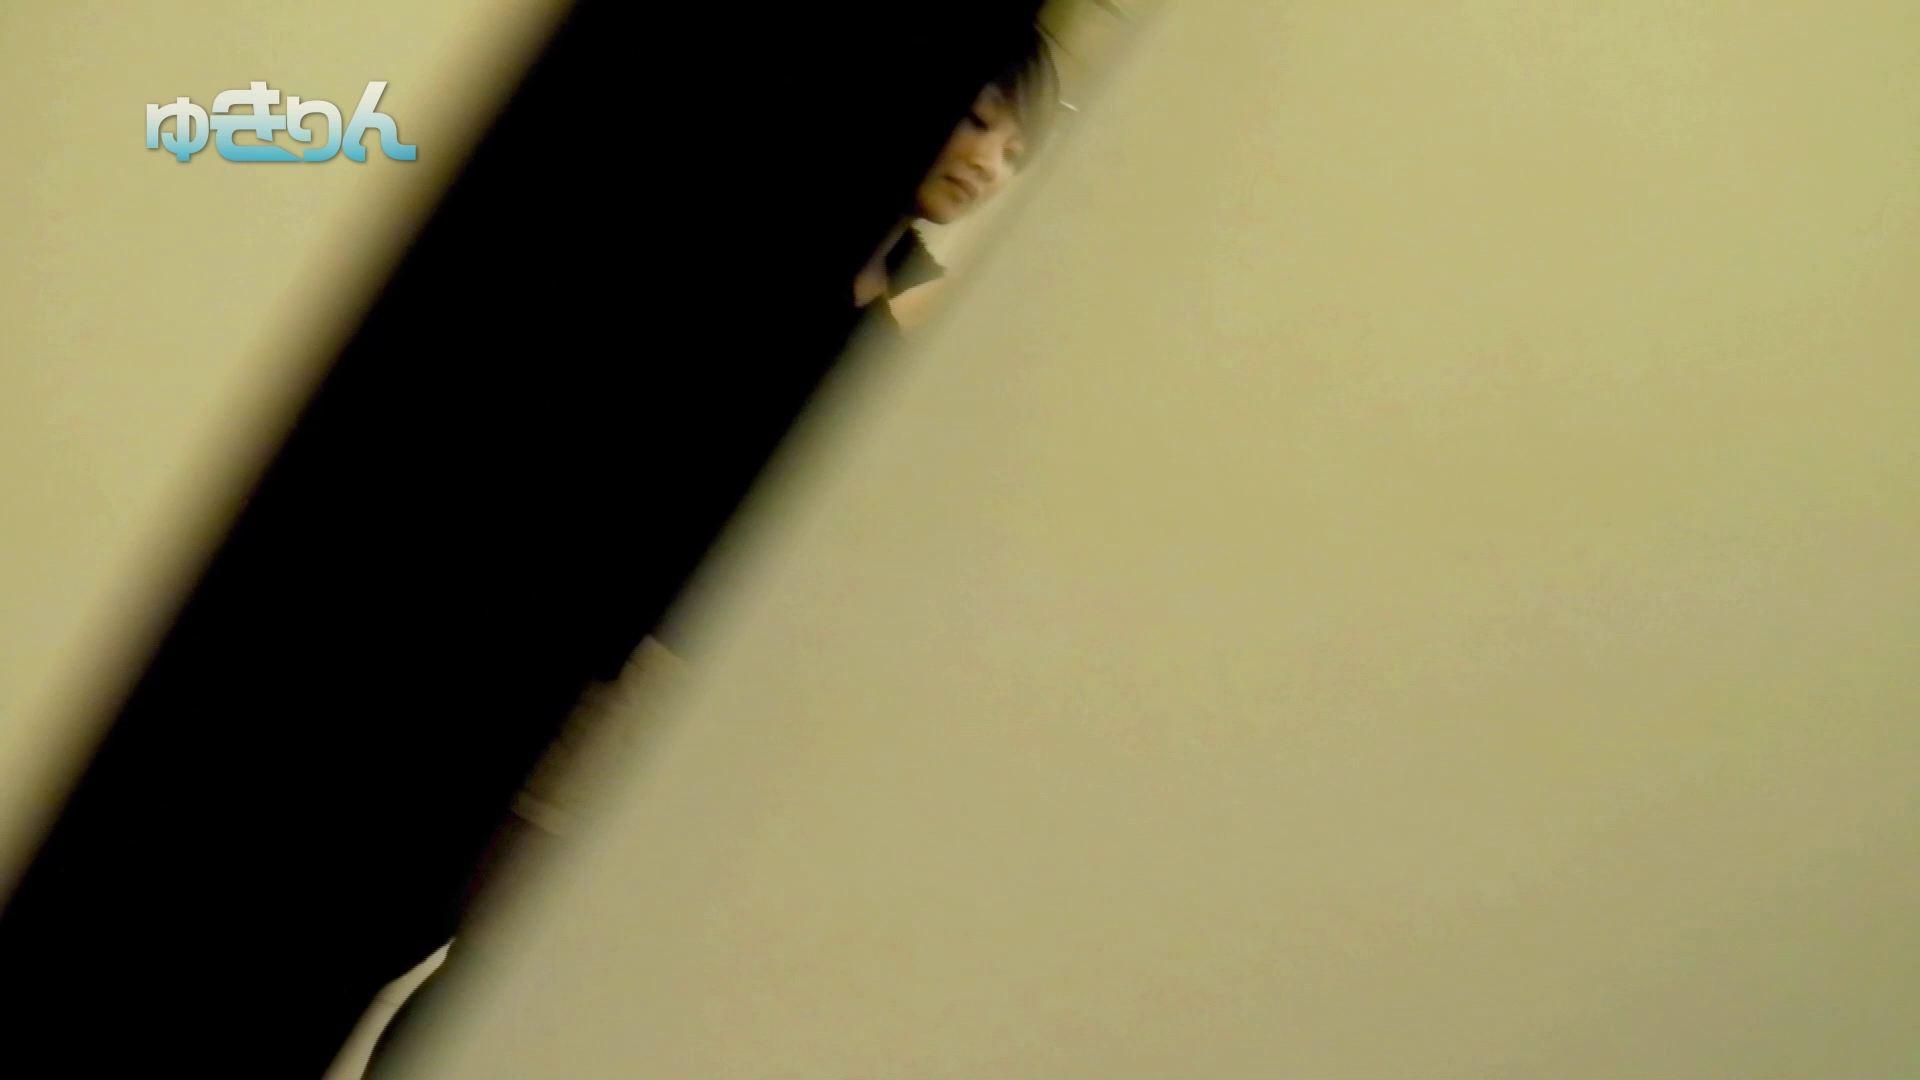 新世界の射窓 無料お試し動画02 洗面所  53pic 40